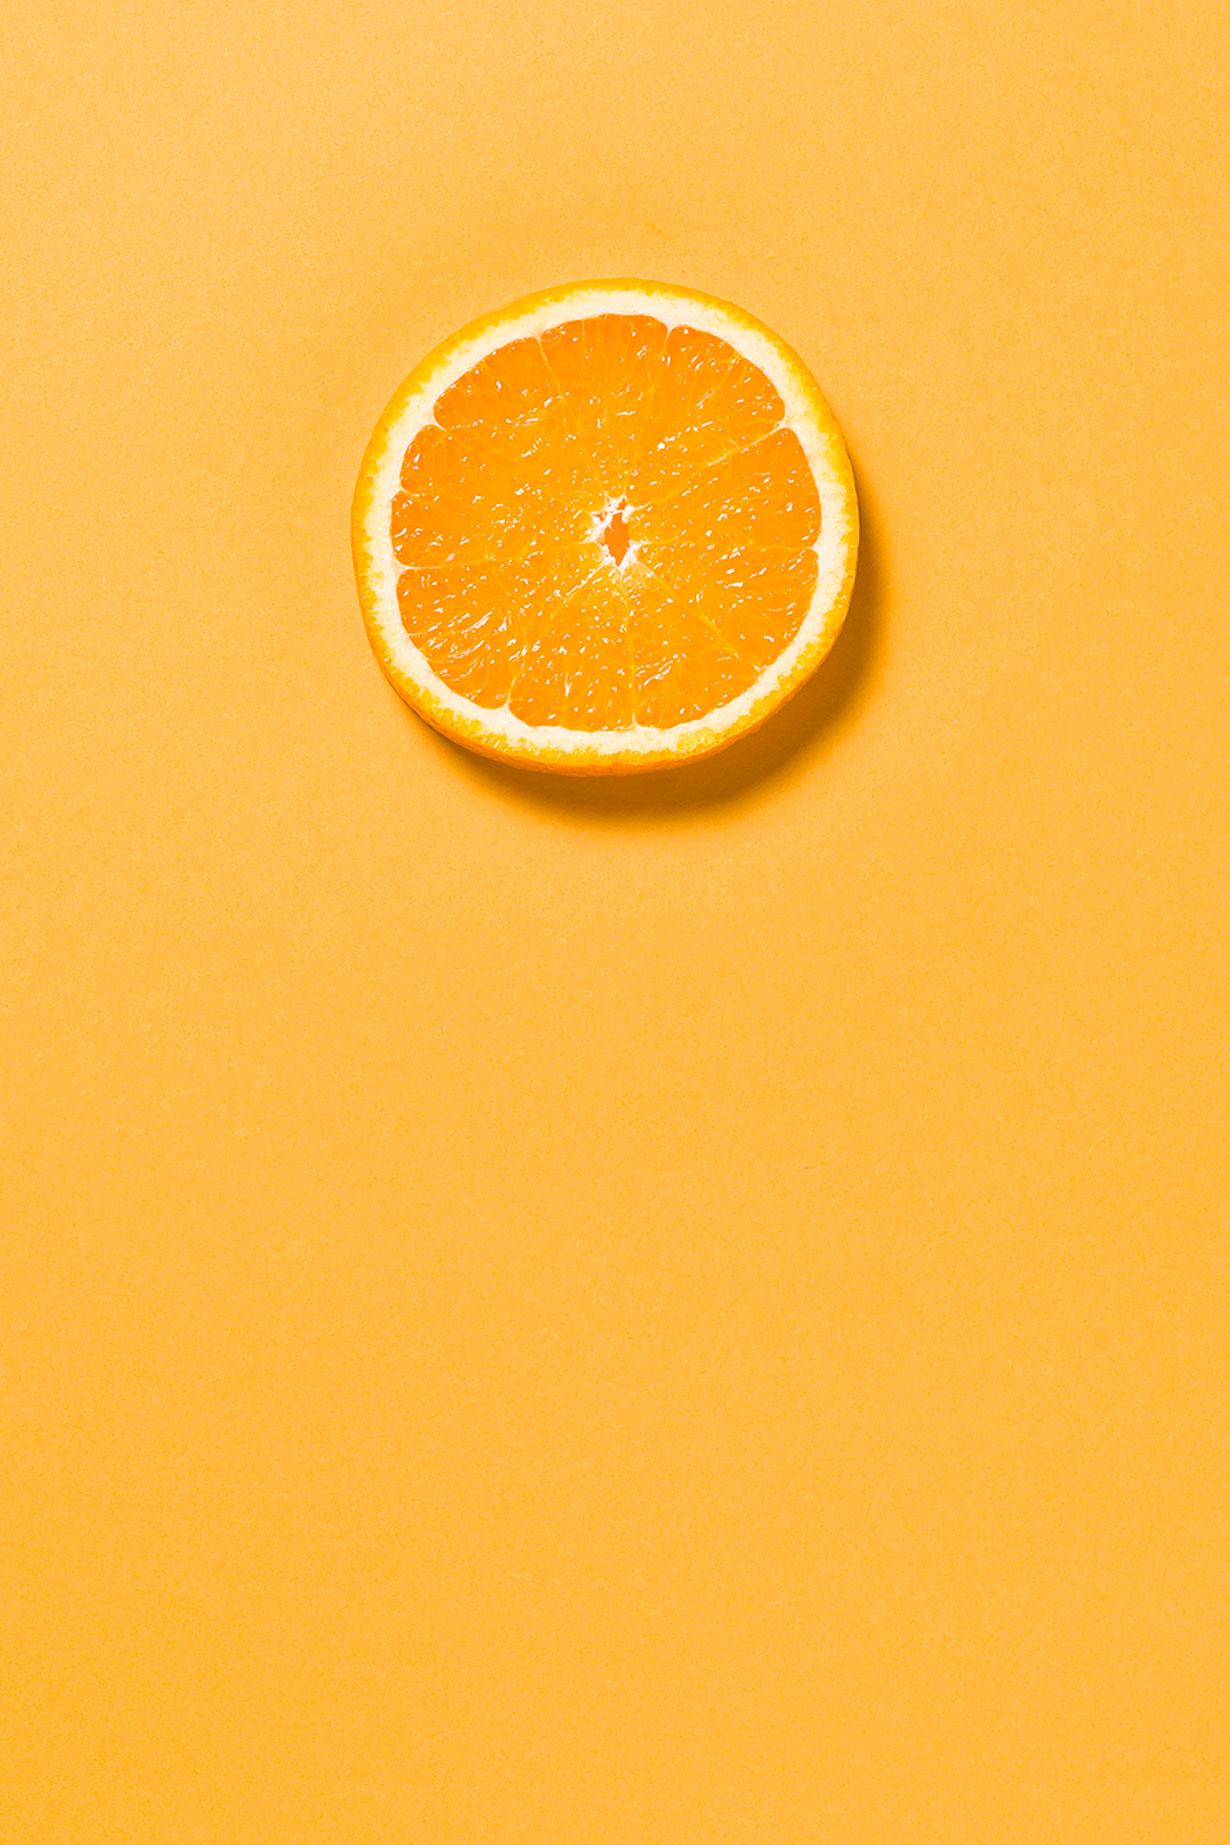 frische, säuerliche Früchte